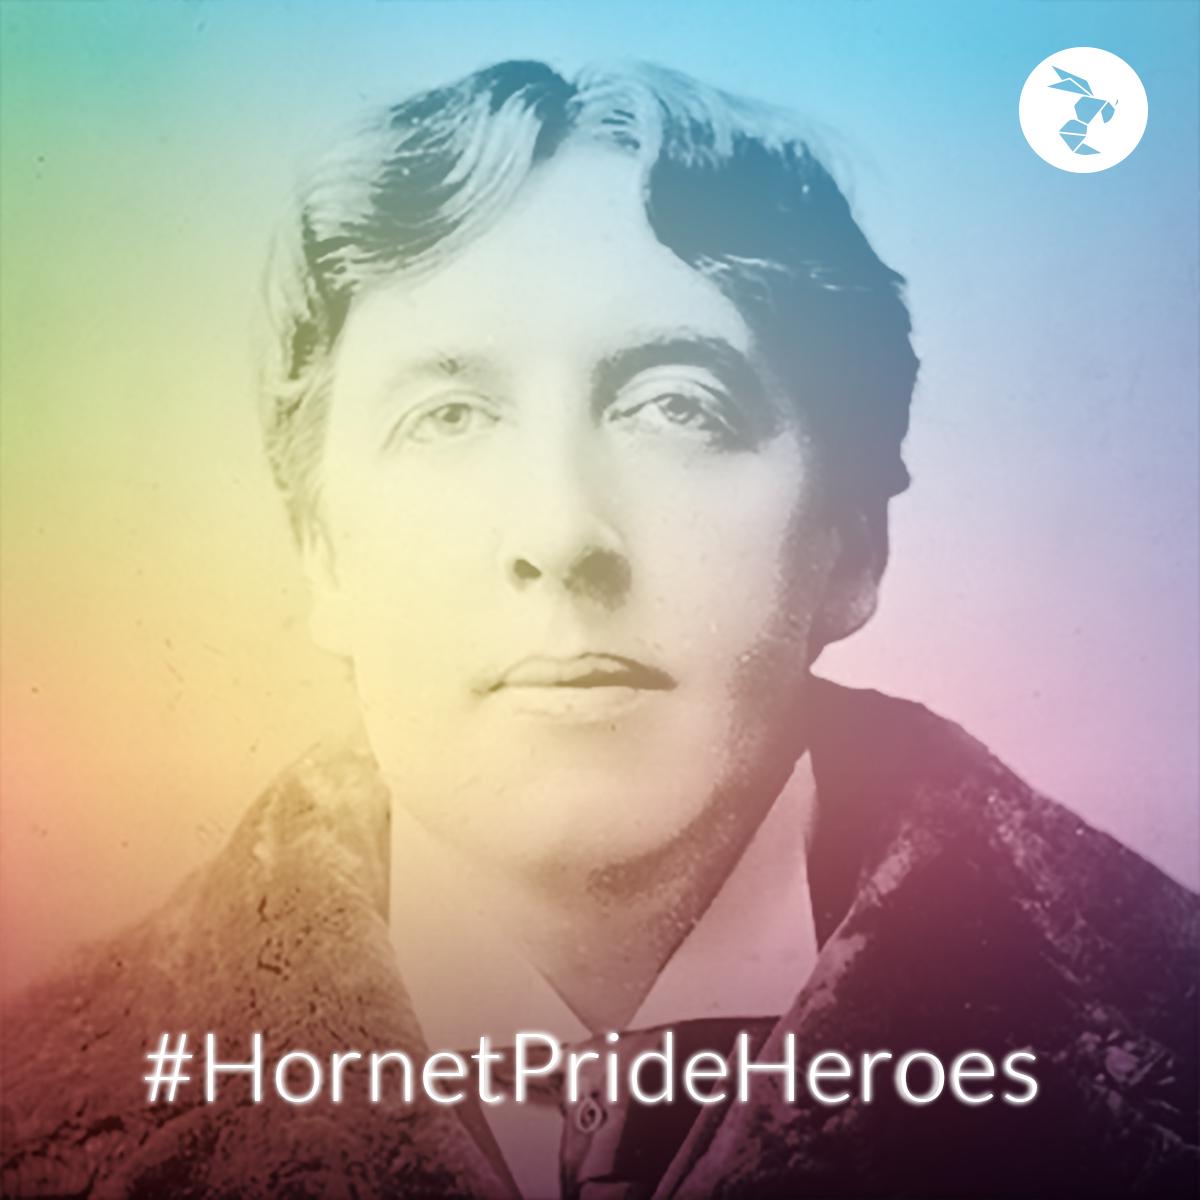 Hornet Pride Heroes oscar wilde